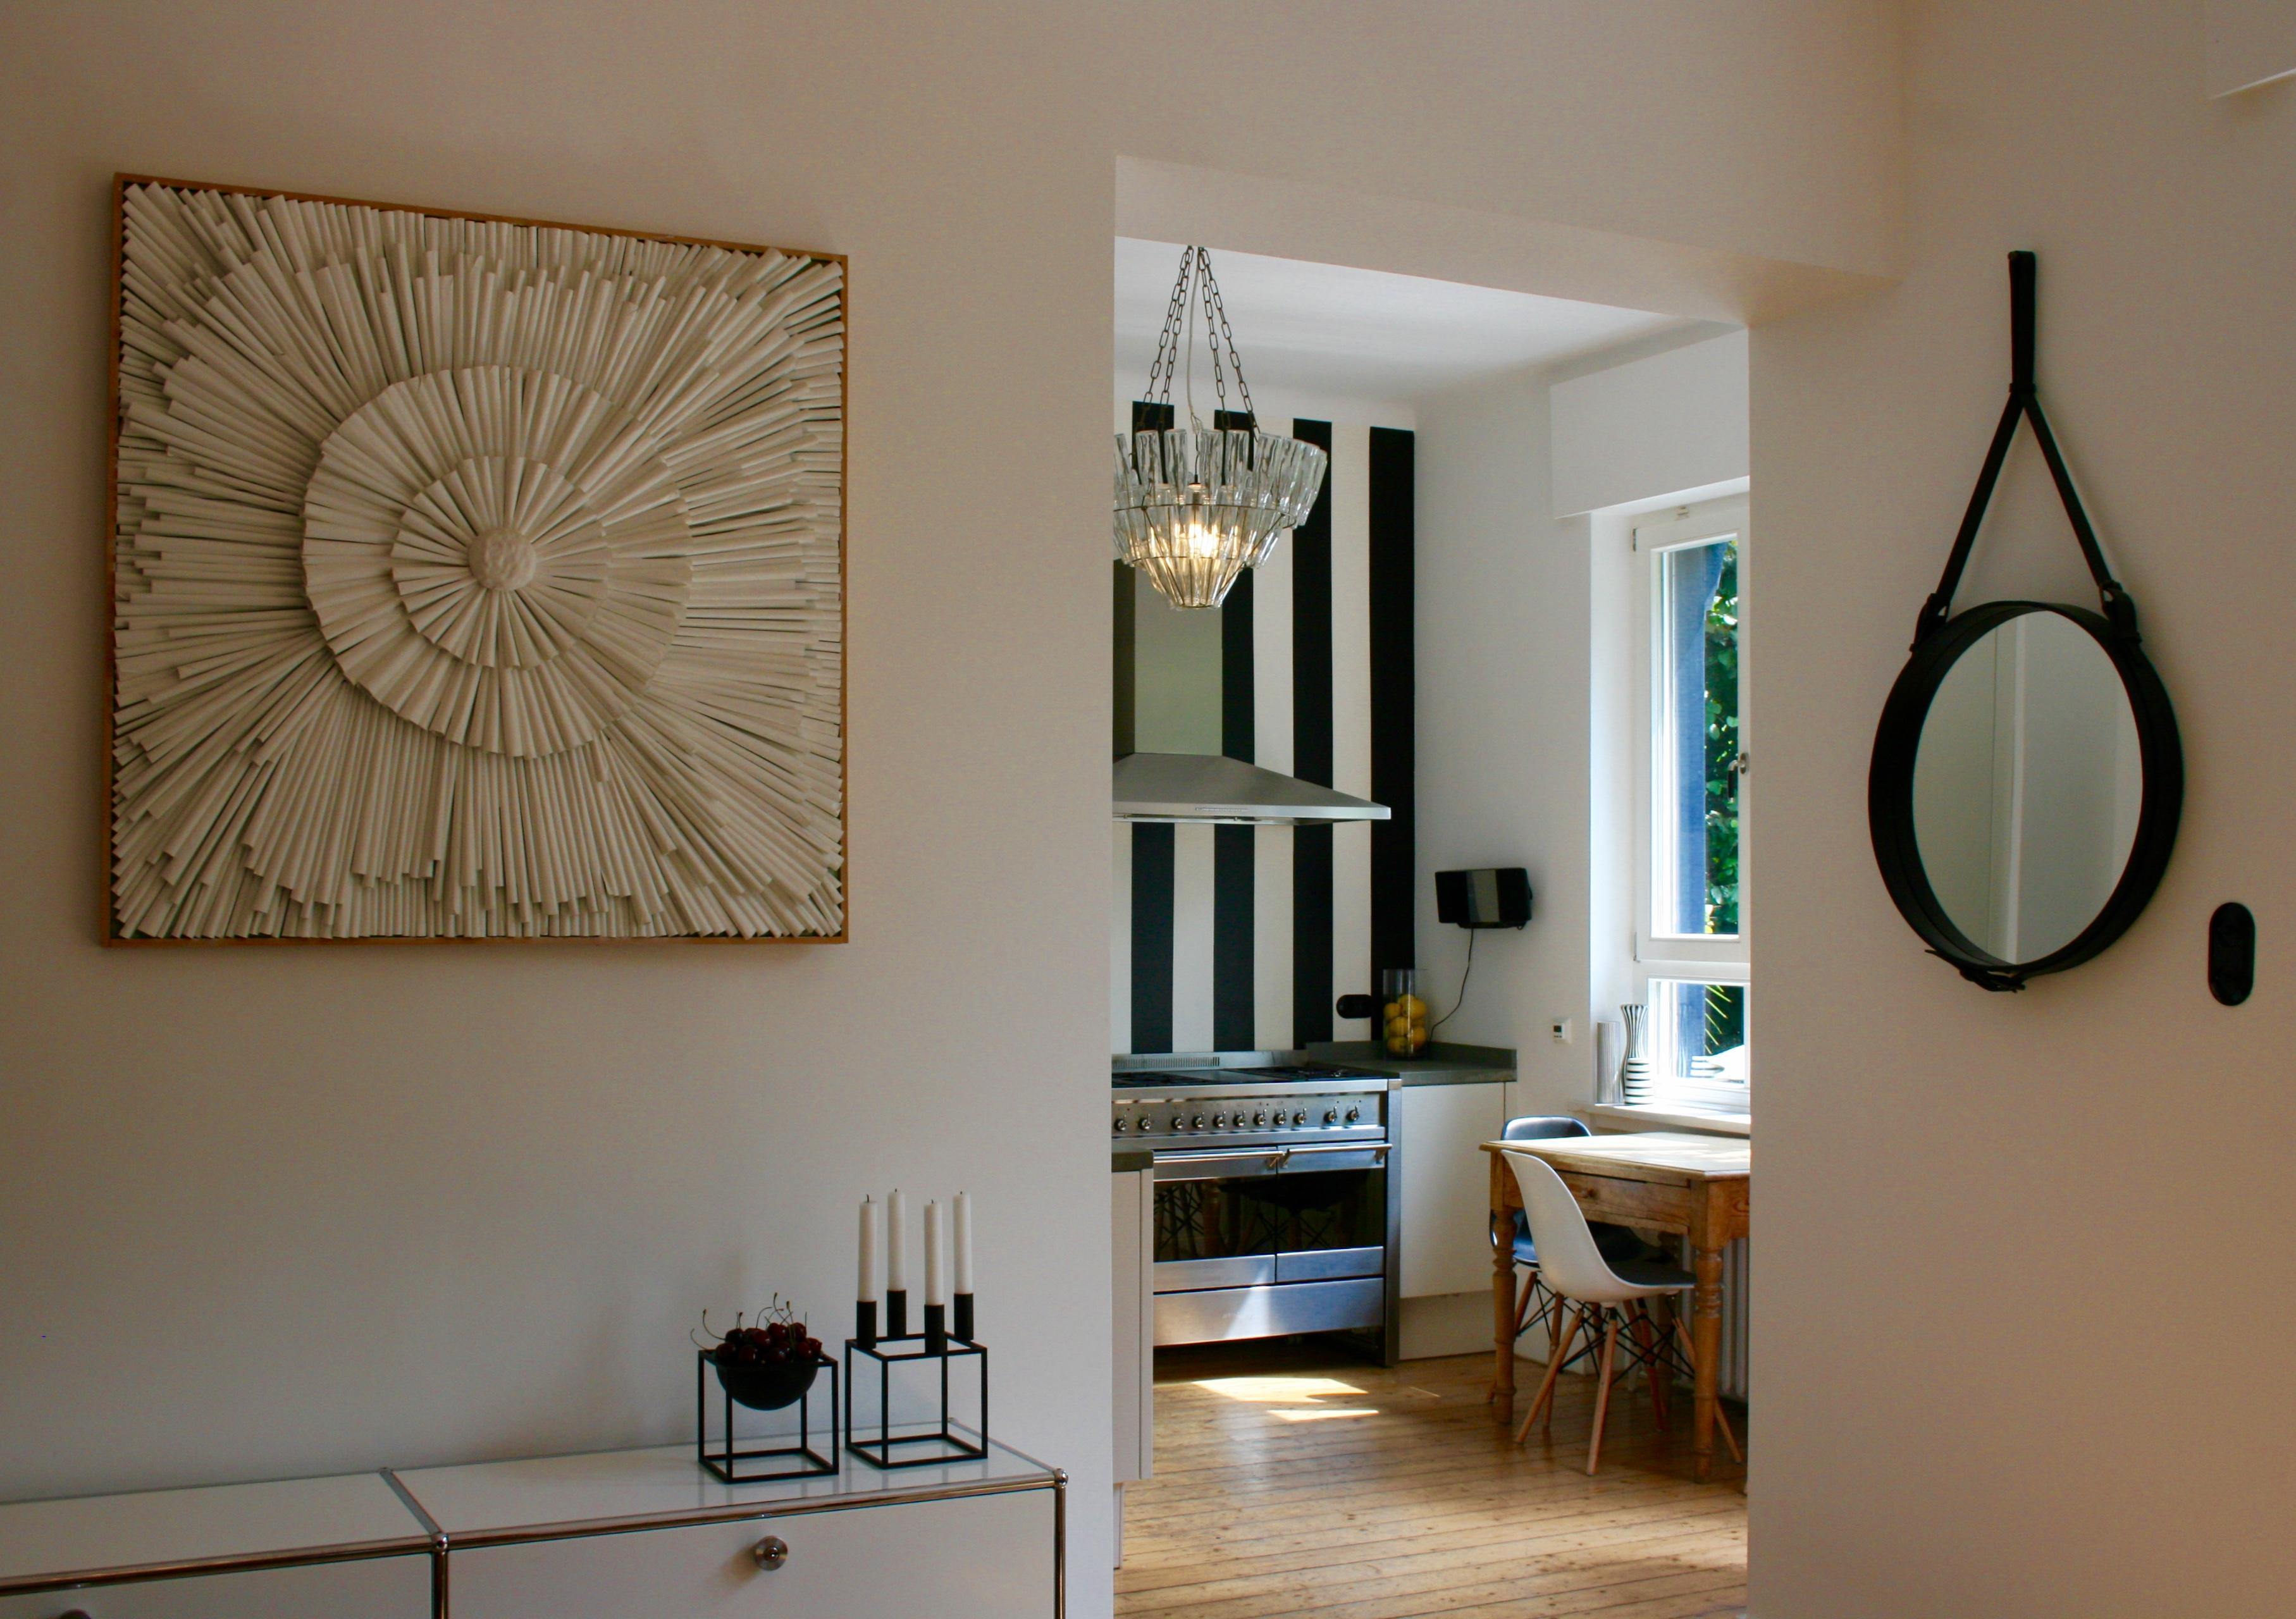 Bezaubernd Homestaging München Referenz Von Interior Design In Aachen